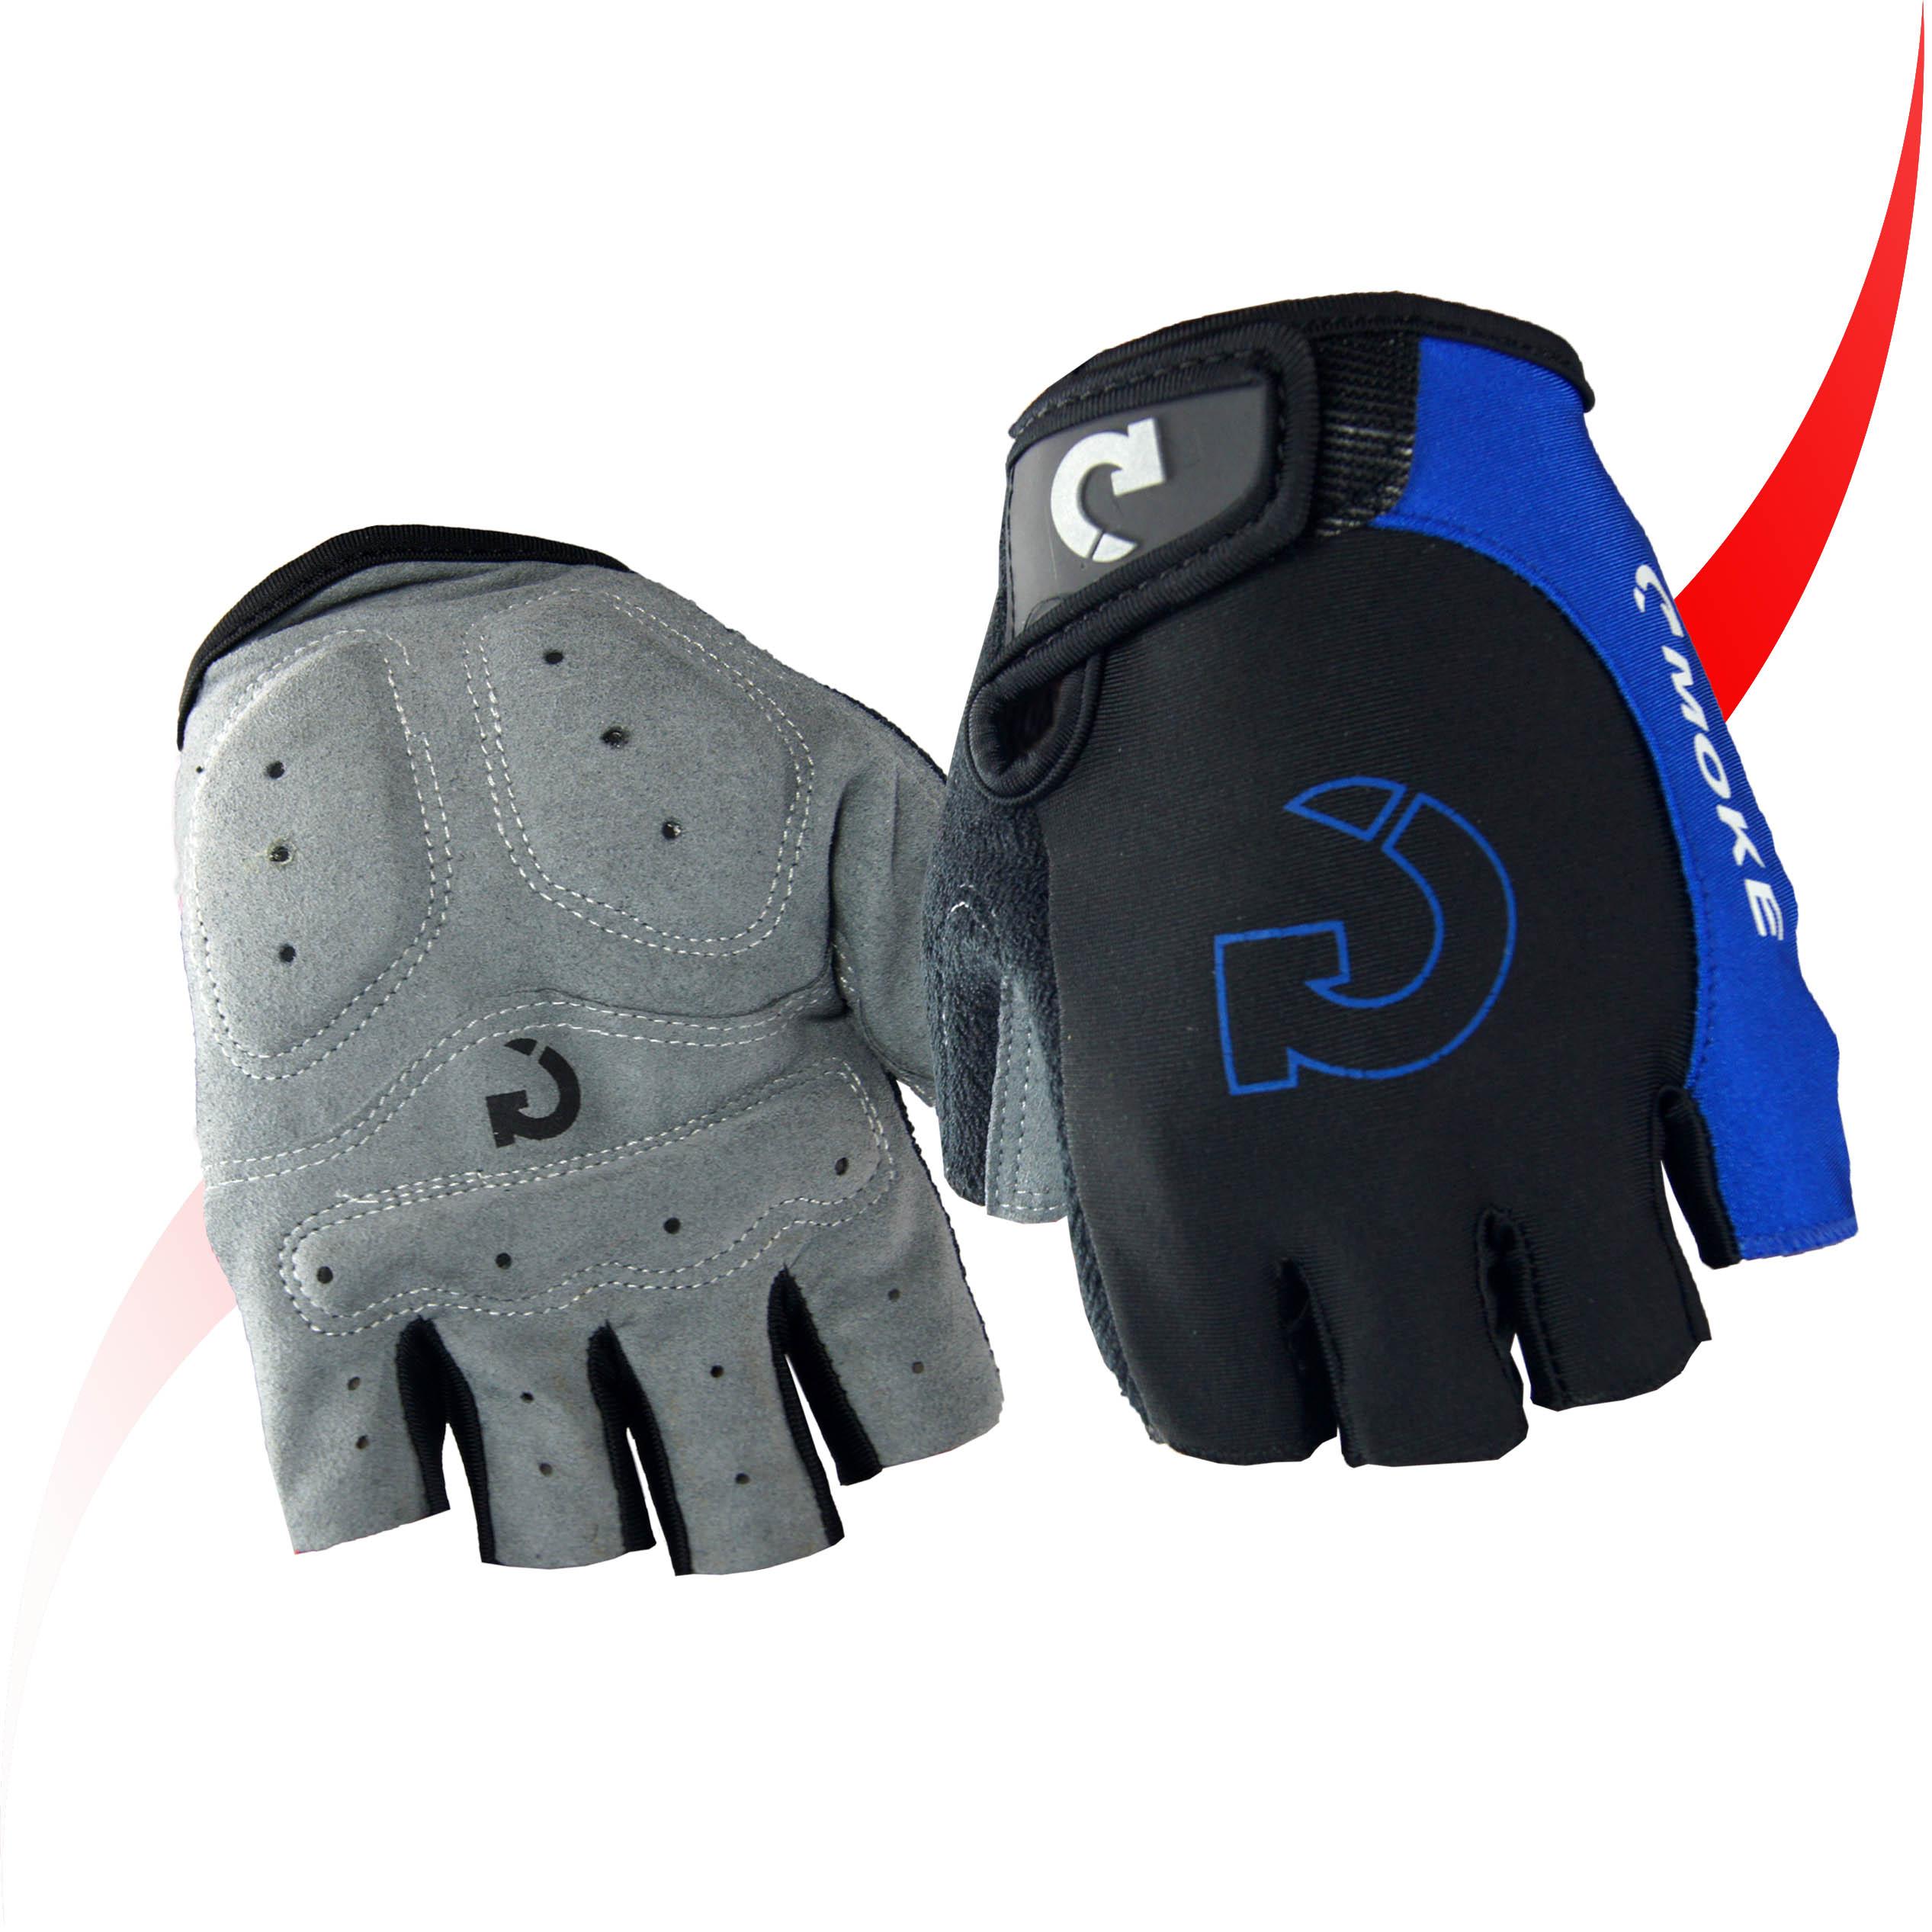 moke莫克手套 自行車半指手套 騎行短指手套 騎行裝備自信車配件